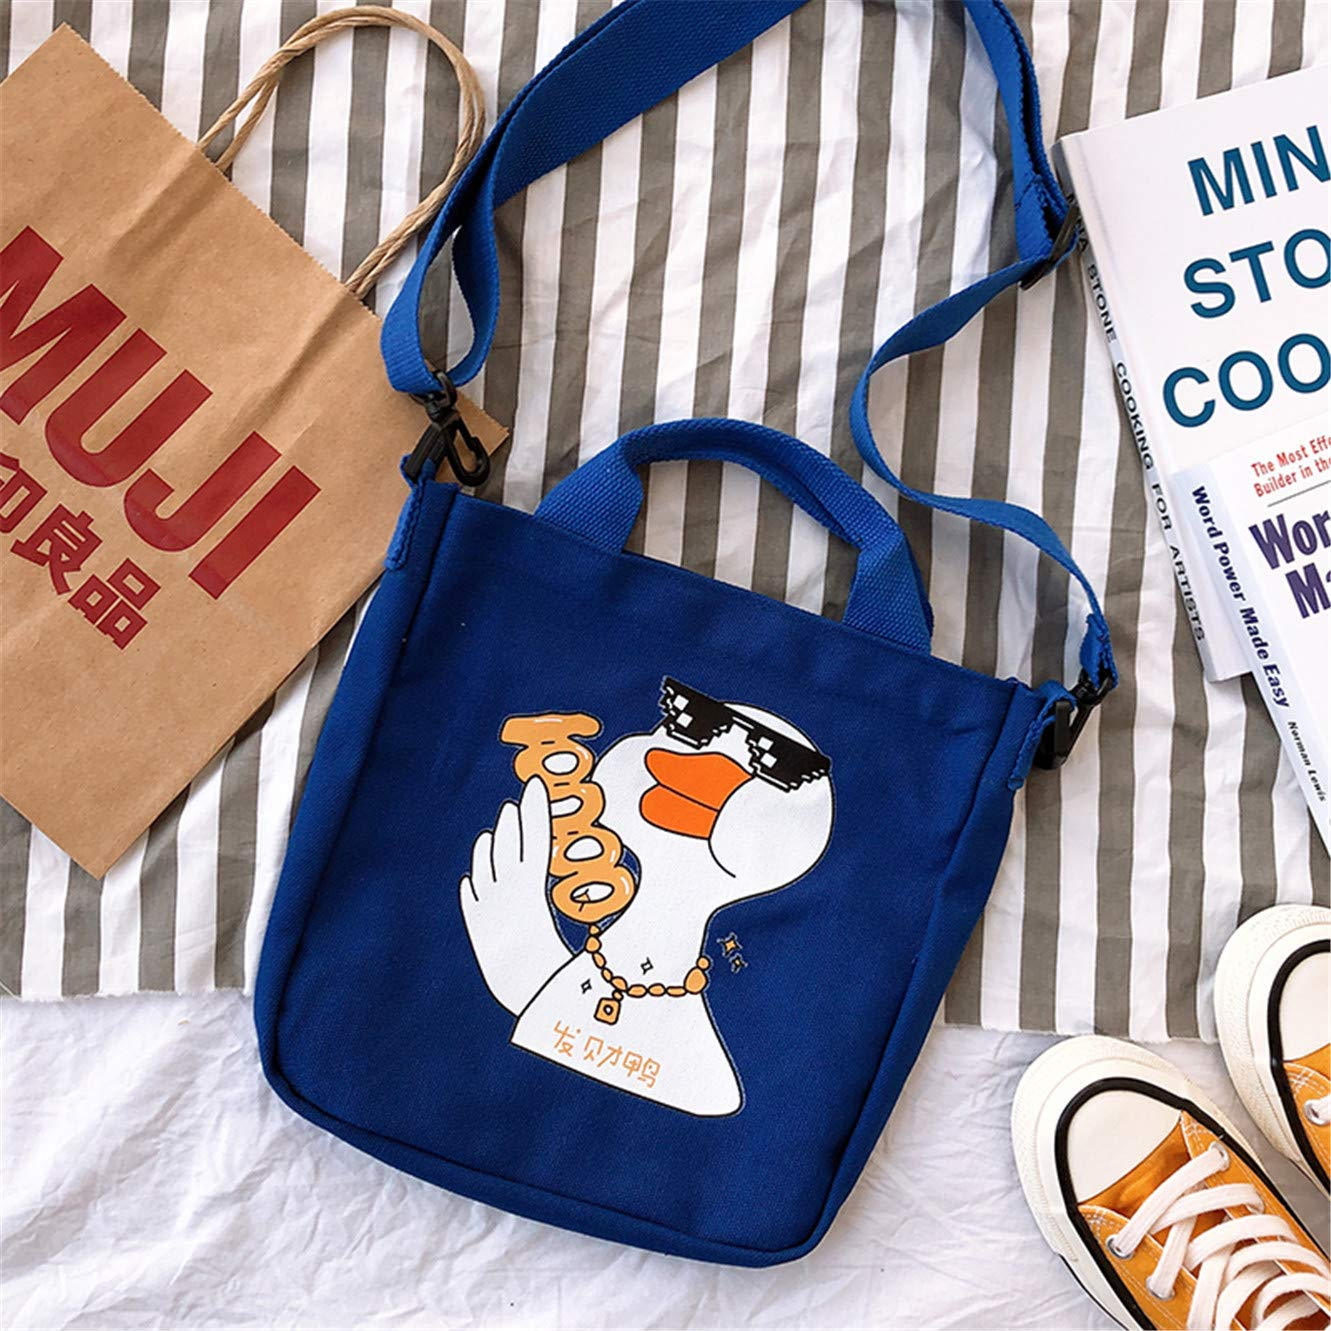 Canvas bag lady bag handheld overheated bag making odd slanting one shoulder pouring duck bag blue